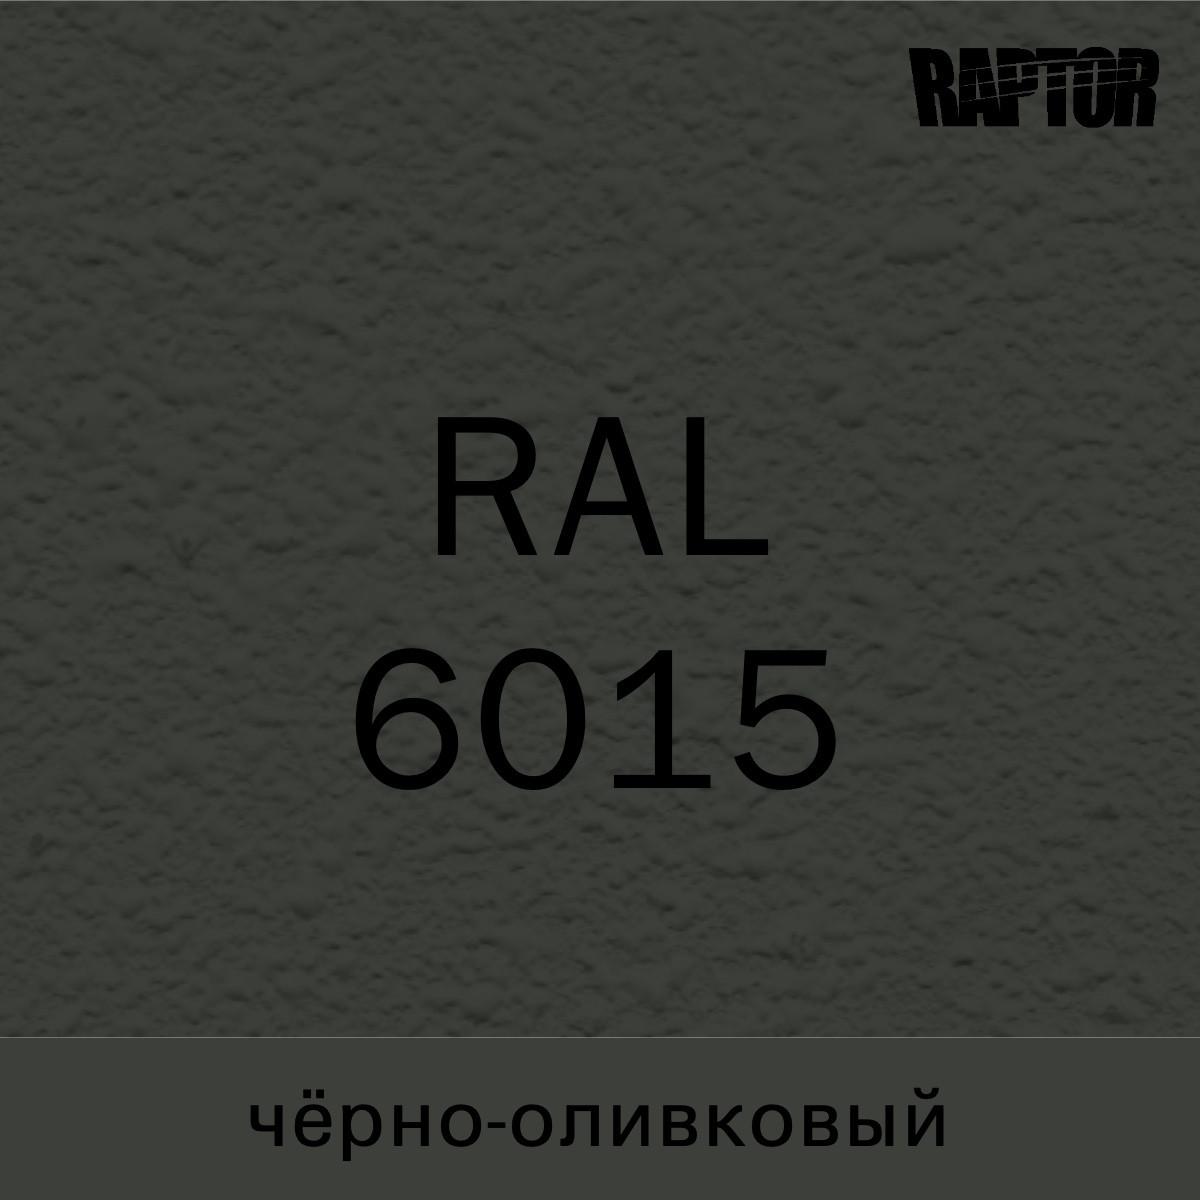 Пигмент для колеровки покрытия RAPTOR™ Чёрно-оливковый (RAL 6015)